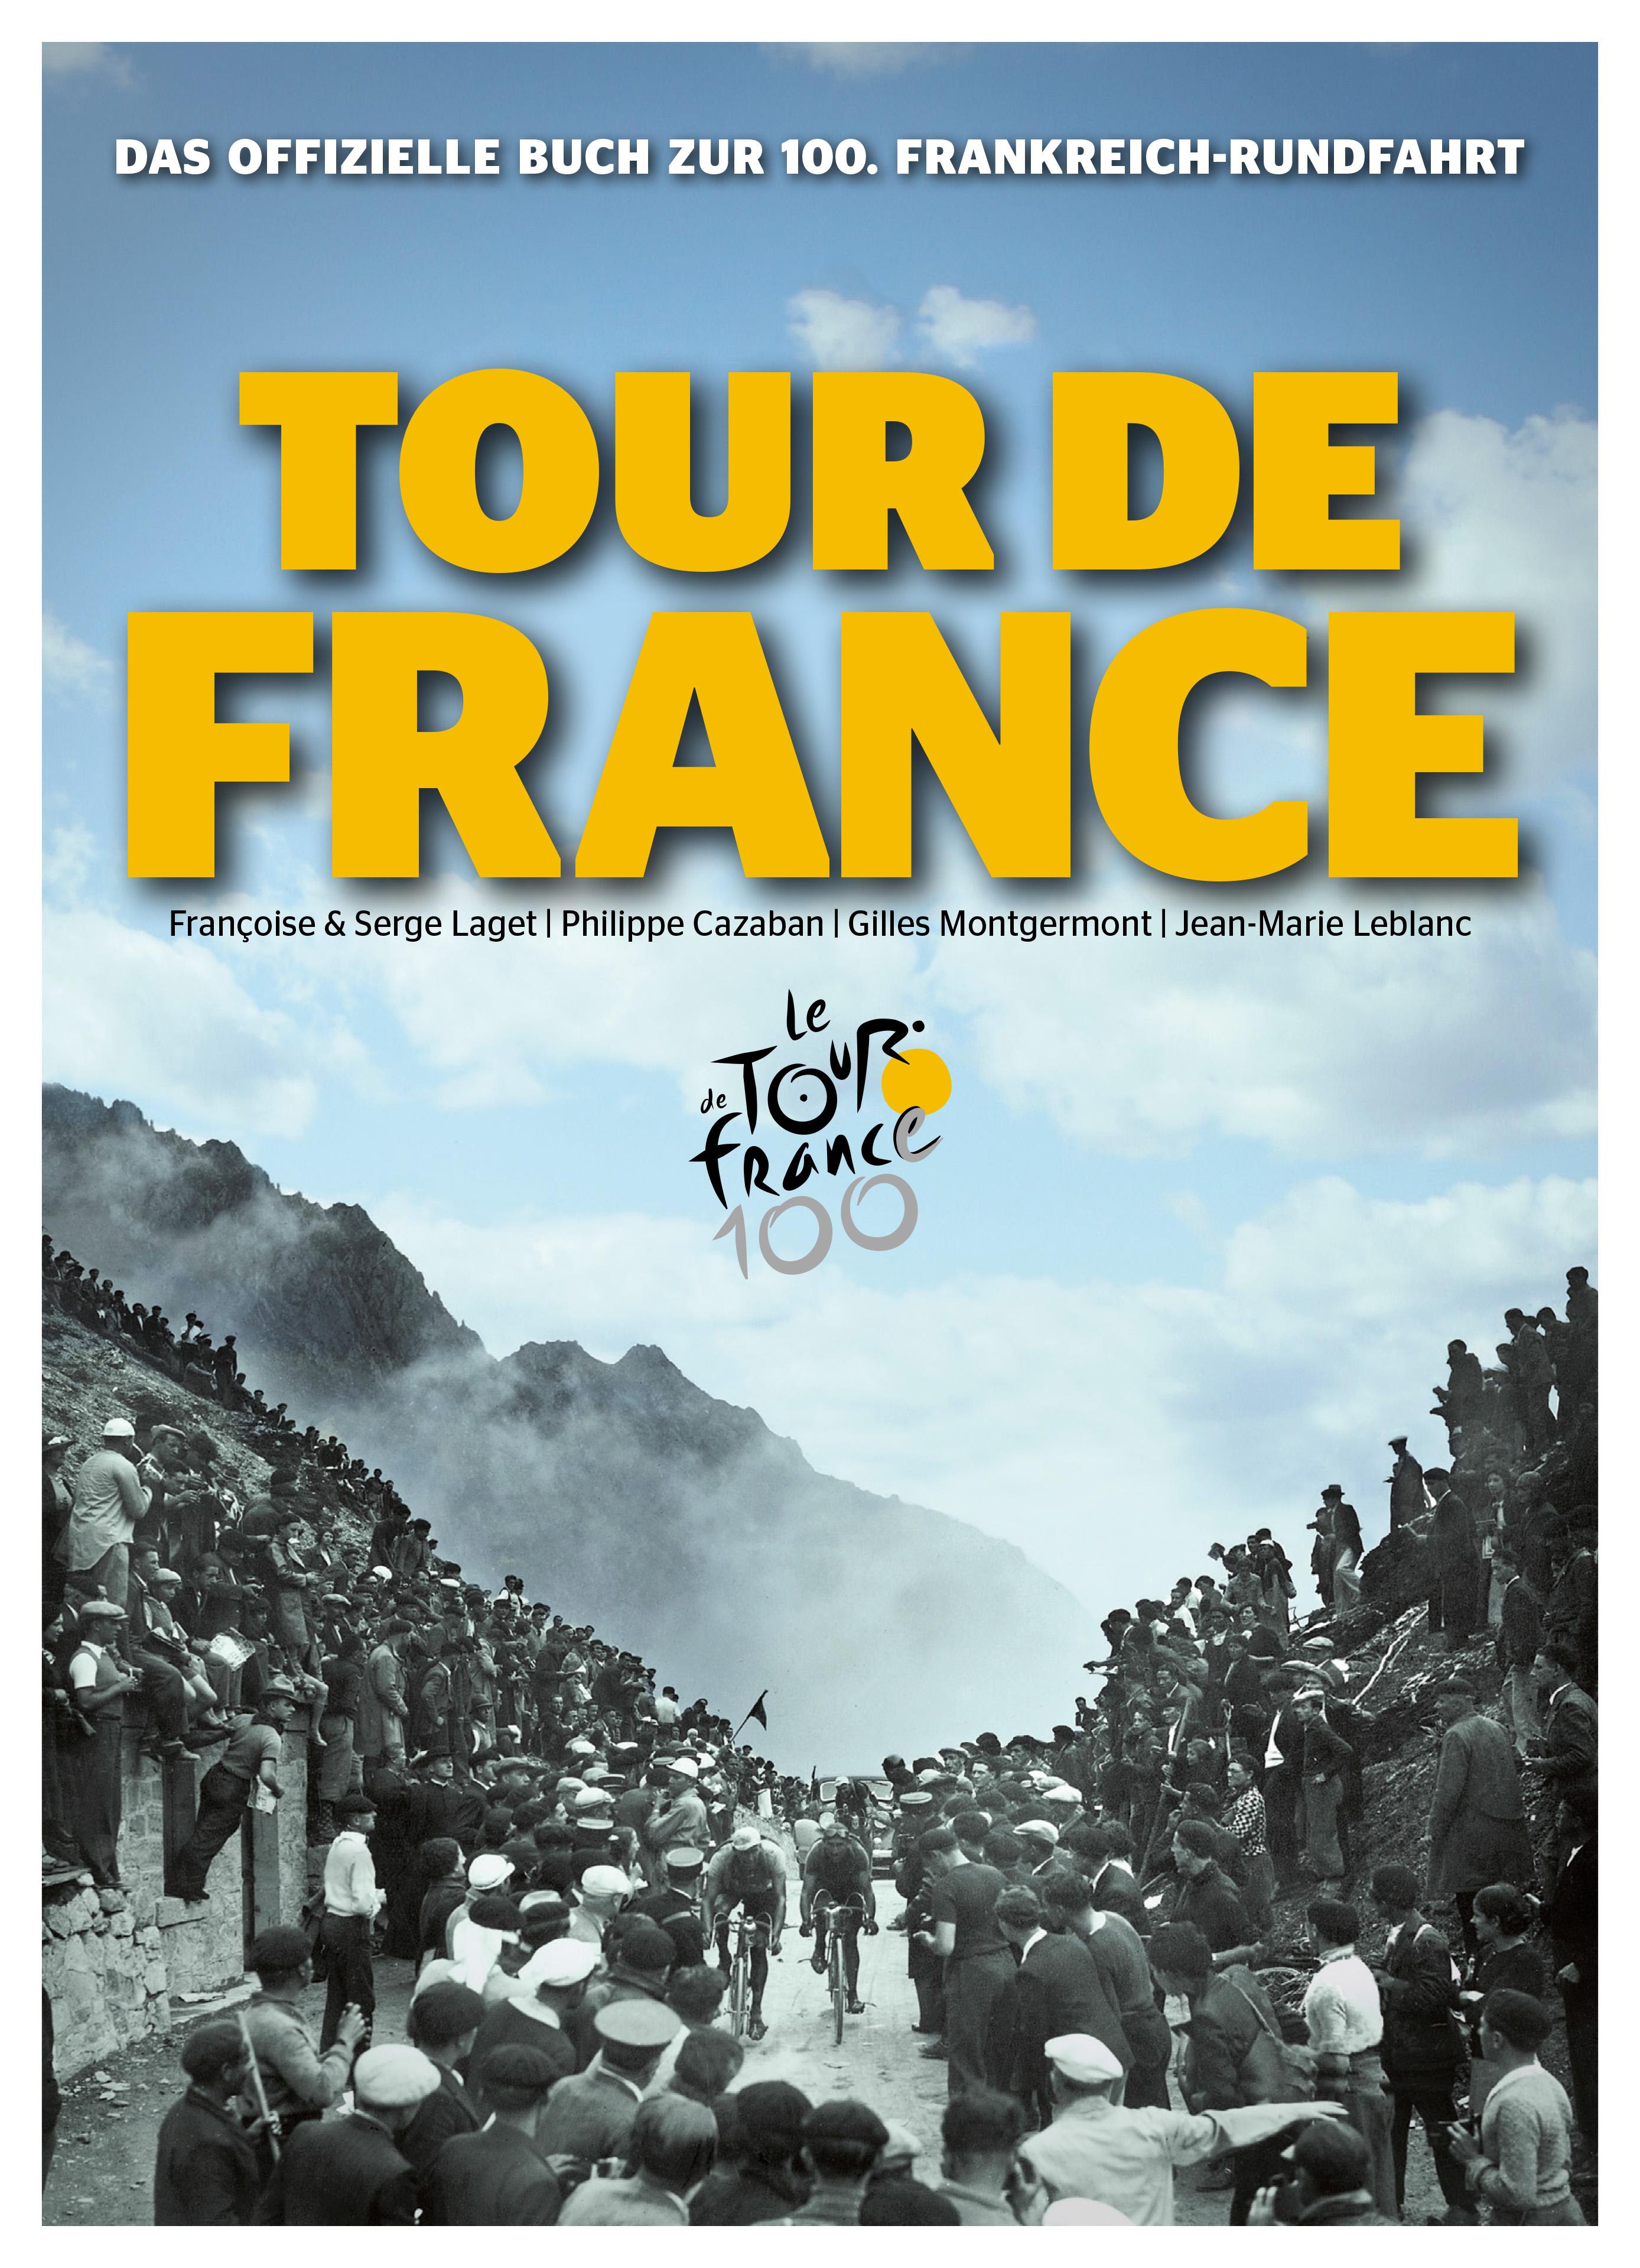 Das offizielle Buch zur 100. Frankreich-Rundfahrt: Tour de France - Francoise & Serge Lage et al.